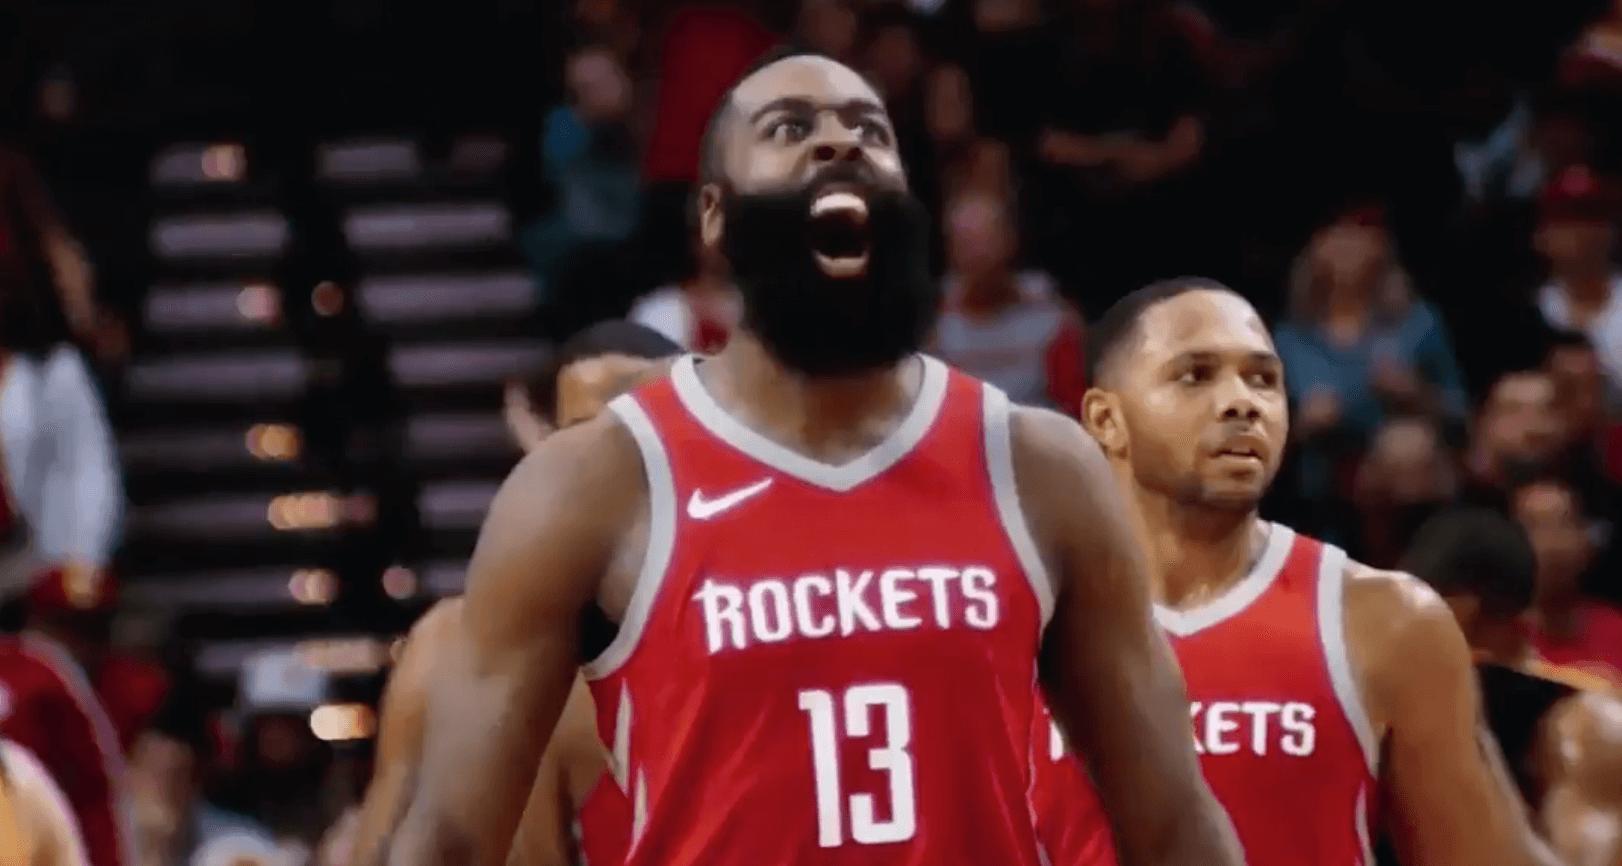 Pour les playoffs, la NBA balance un promo folle avec un inédit de J.Cole